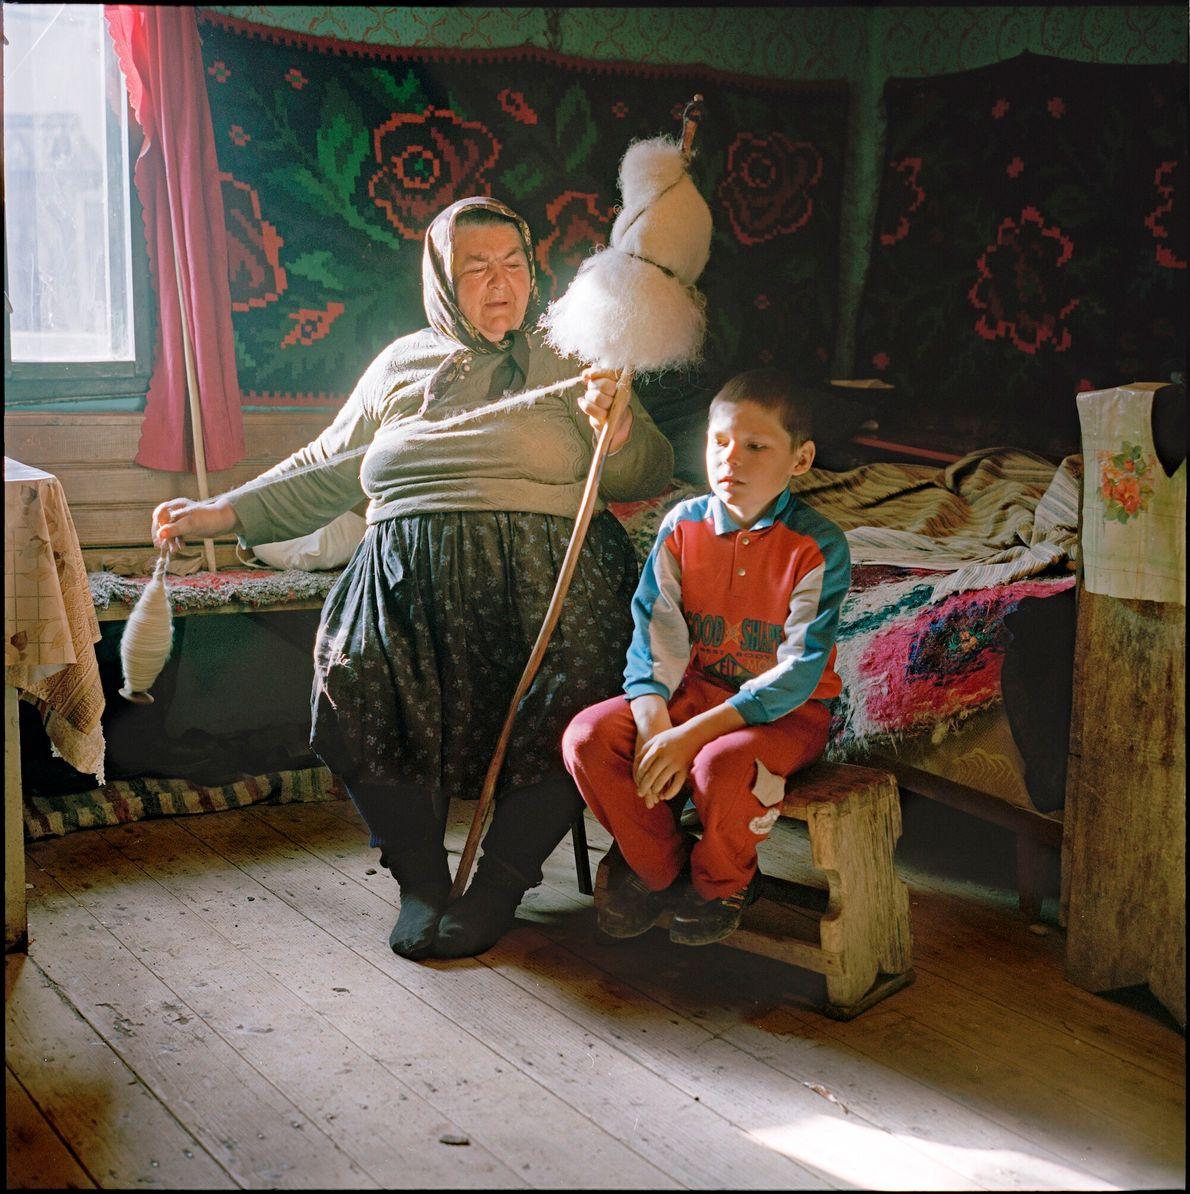 Retrato de mulher sentada fiando lã dentro de casa ao lado de criança